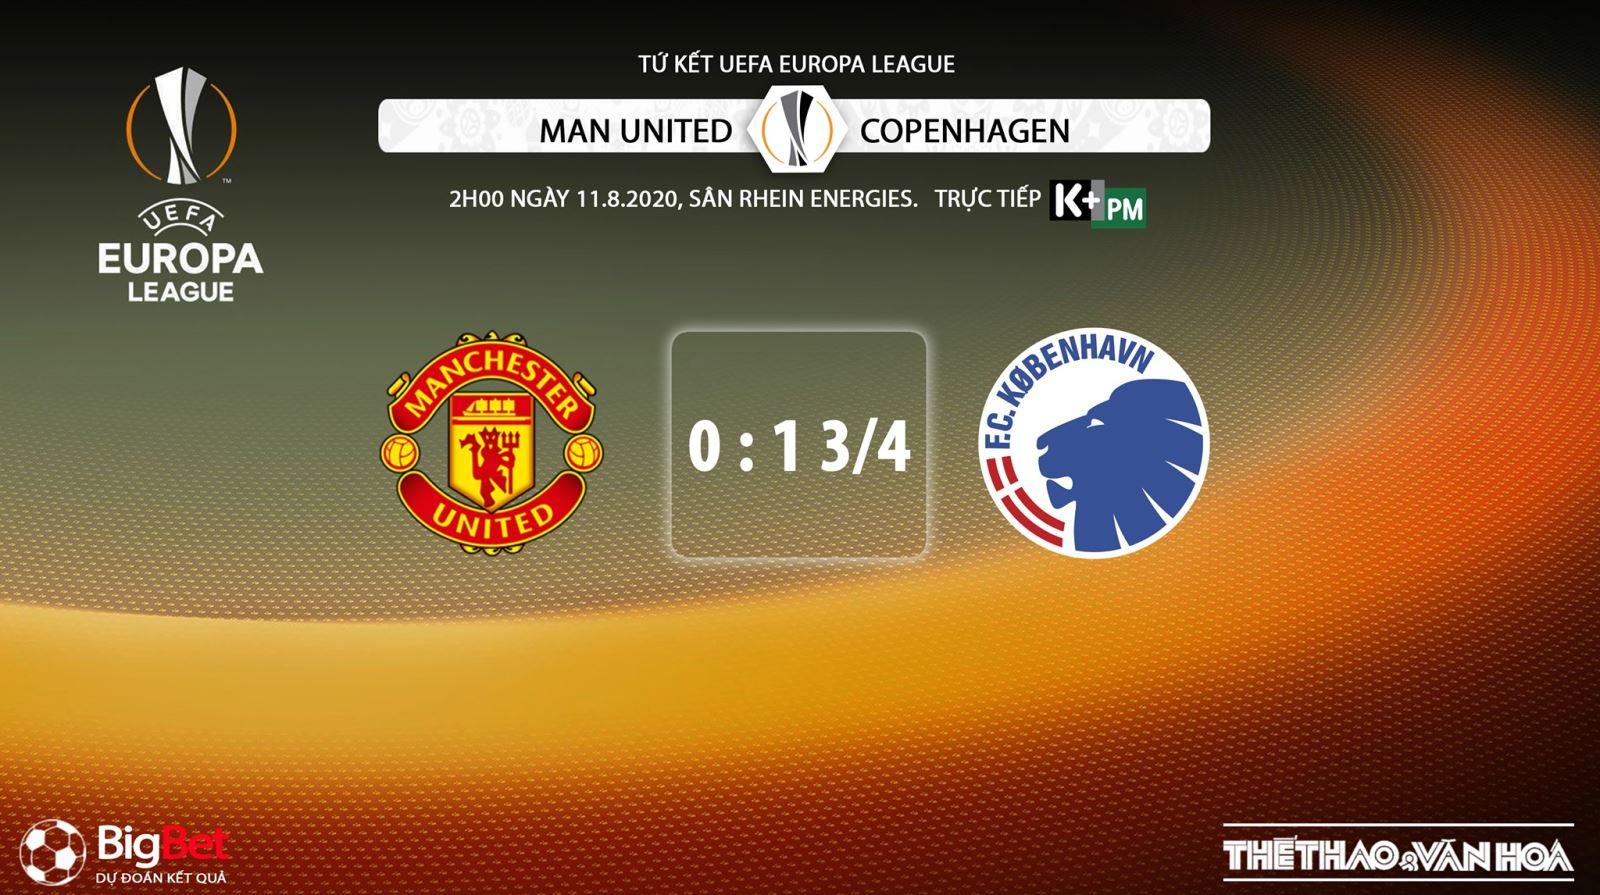 MU vs Copenhagen, MU, Copenhagen, manchester united, trực tiếp MU vs Copenhagen, trực tiếp bóng đá, soi kèo, soi kèo bóng đá, kèo MU vs Copenhagen